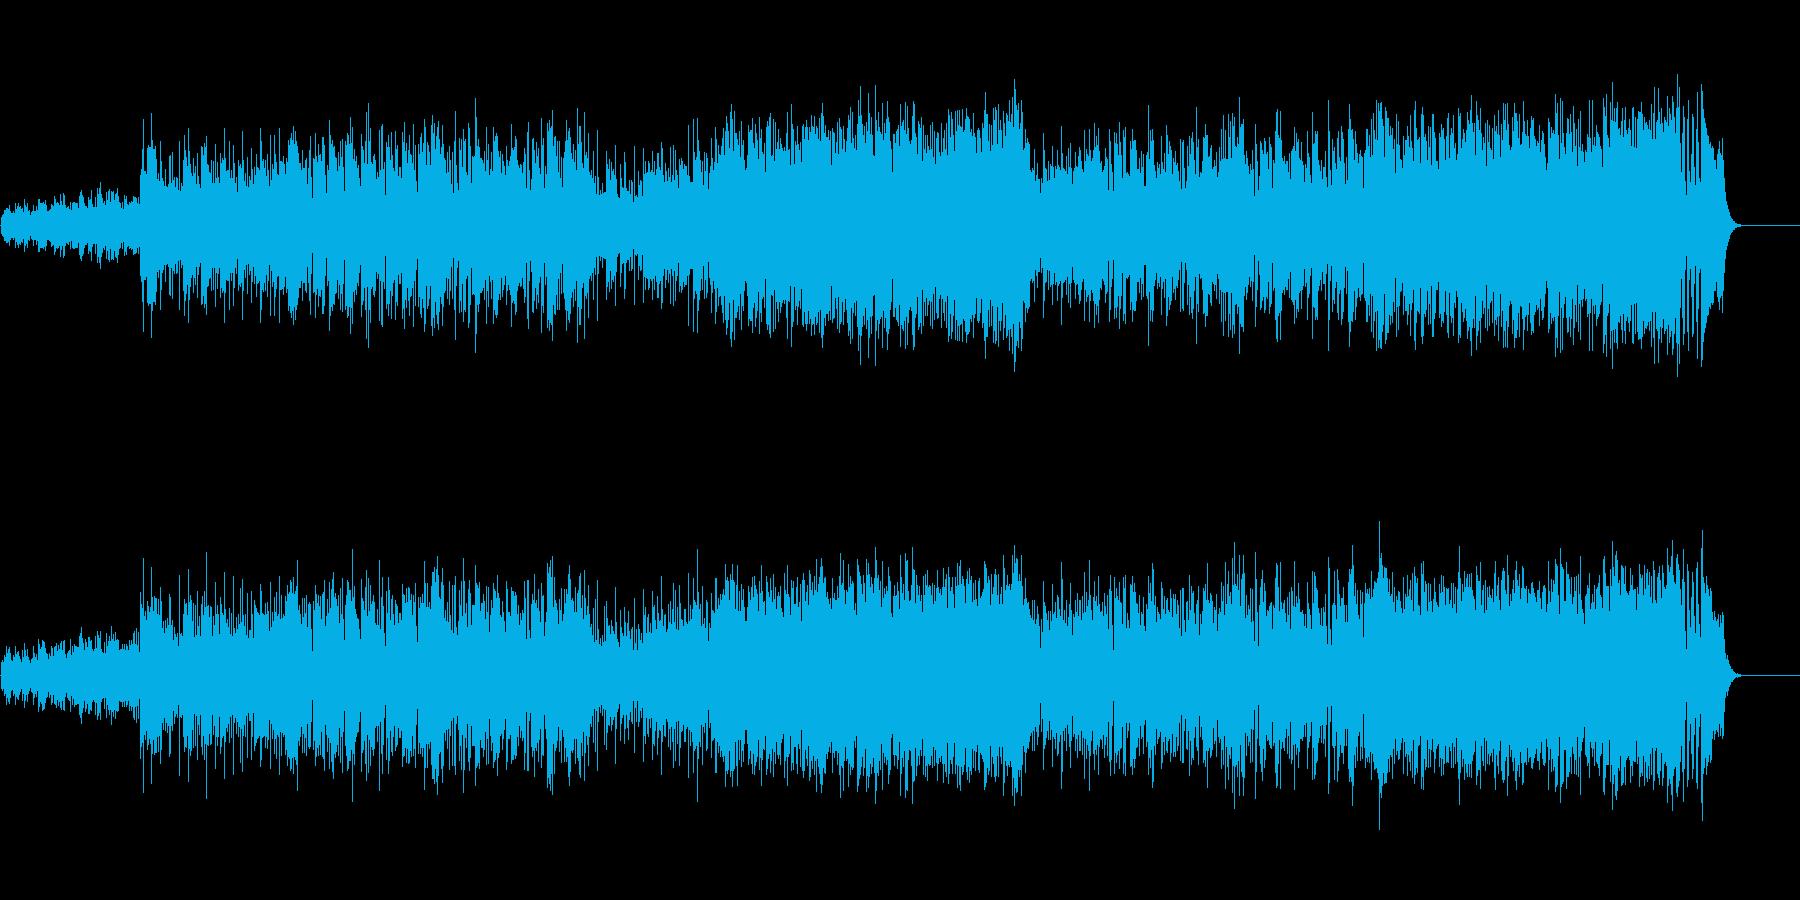 ポップ/ロック(はつらつ路線)の再生済みの波形